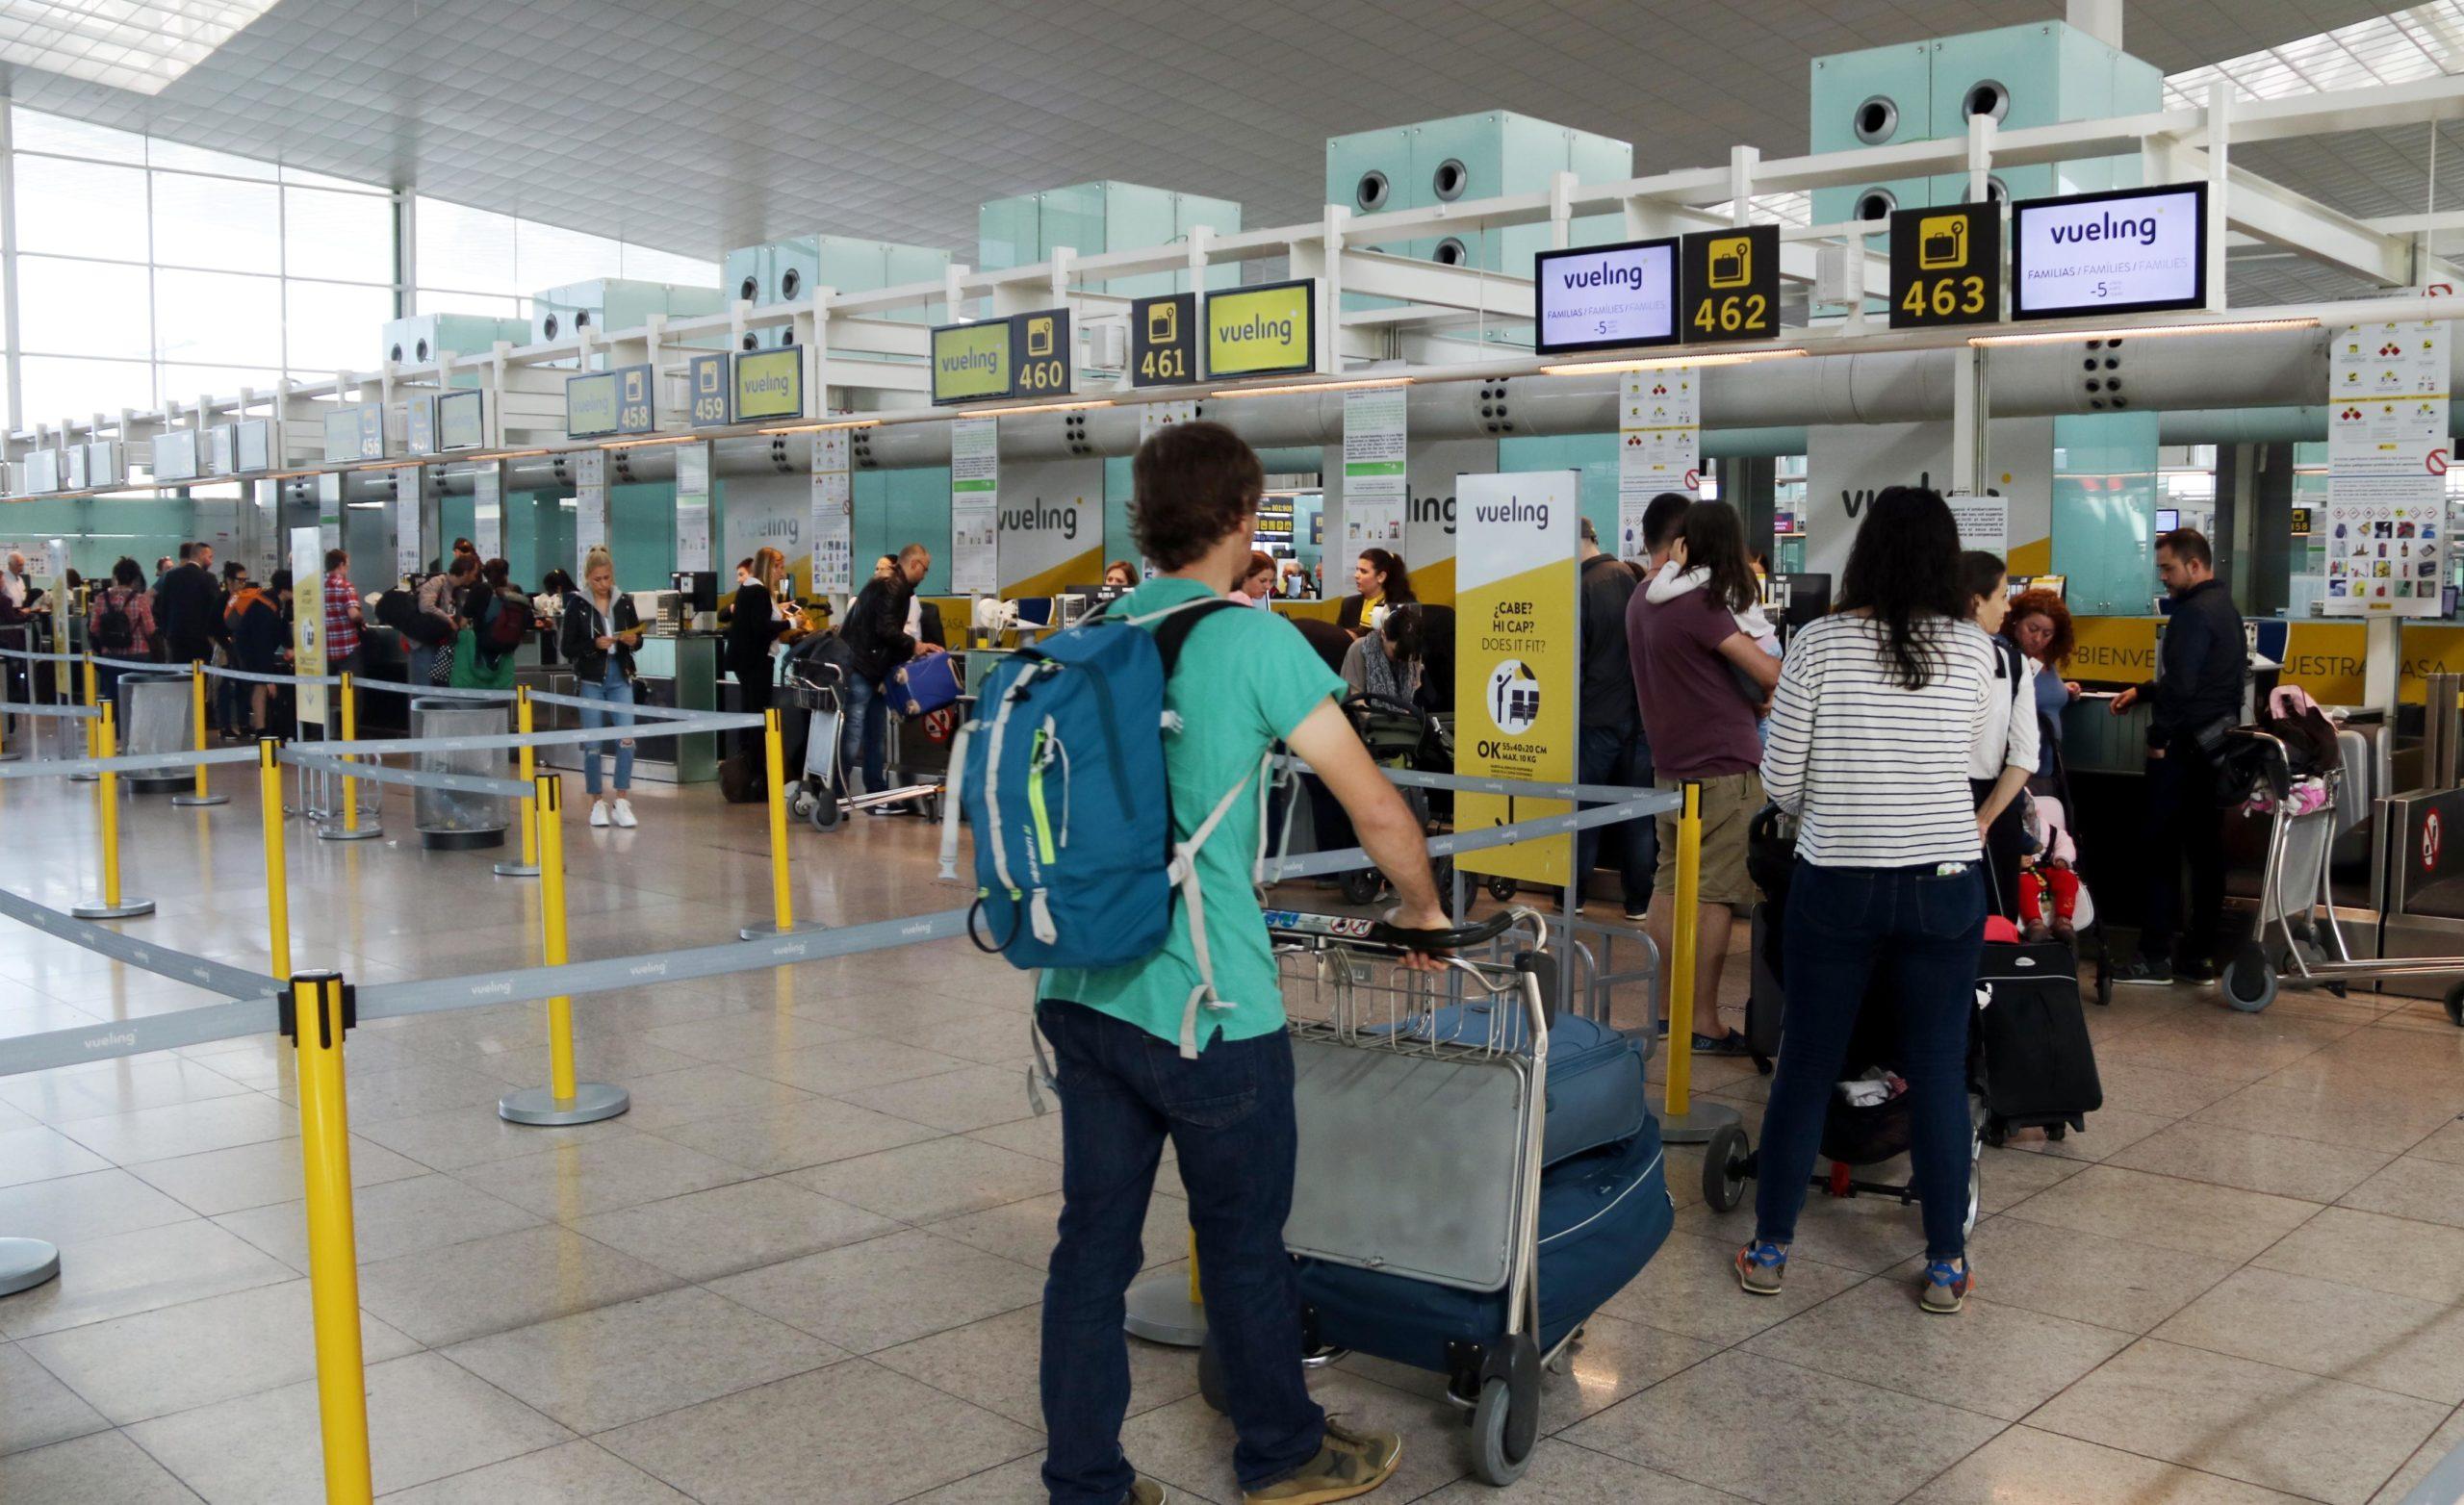 L'aeroport de Barcelona-El Prat té una capacitat màxima estimada de 55 milions de passatgers / ACN